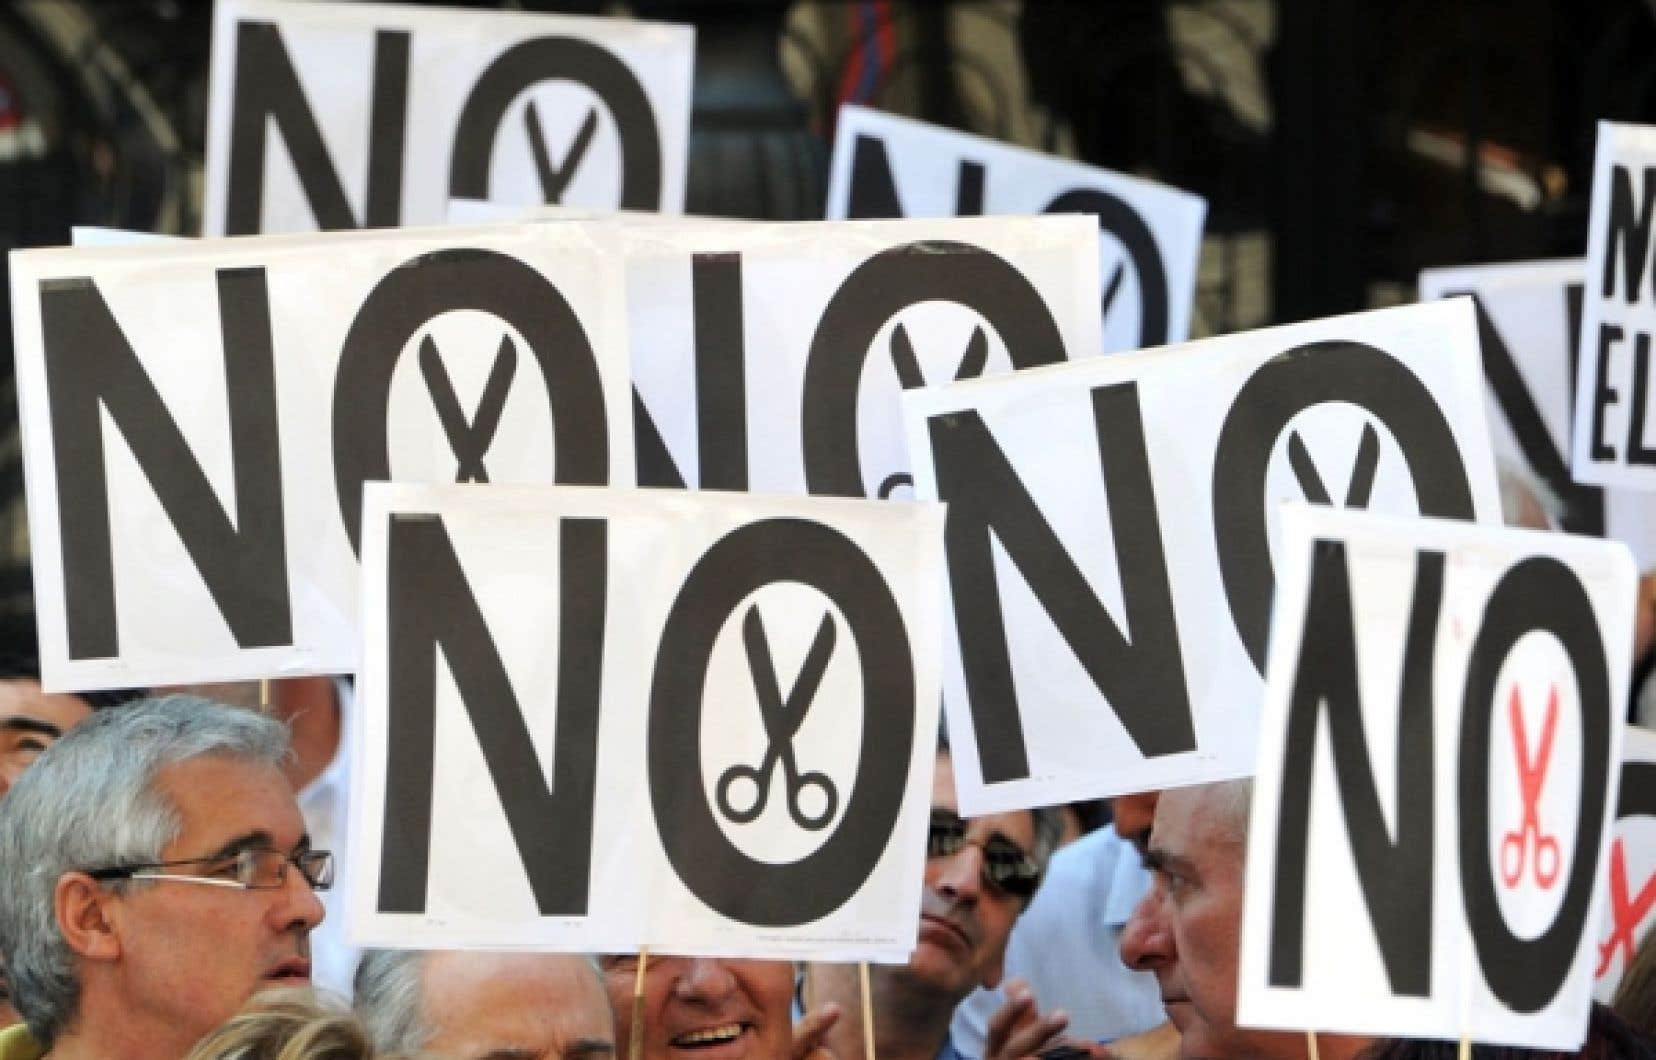 Des centaines de milliers d'Espagnols excédés par une crise dont ils ne voient pas la fin étaient descendus jeudi dans les rues, signe d'une indignation populaire qui s'accroît face à un gouvernement qui n'a plus aucune marge de manœuvre pour redresser l'économie du pays.